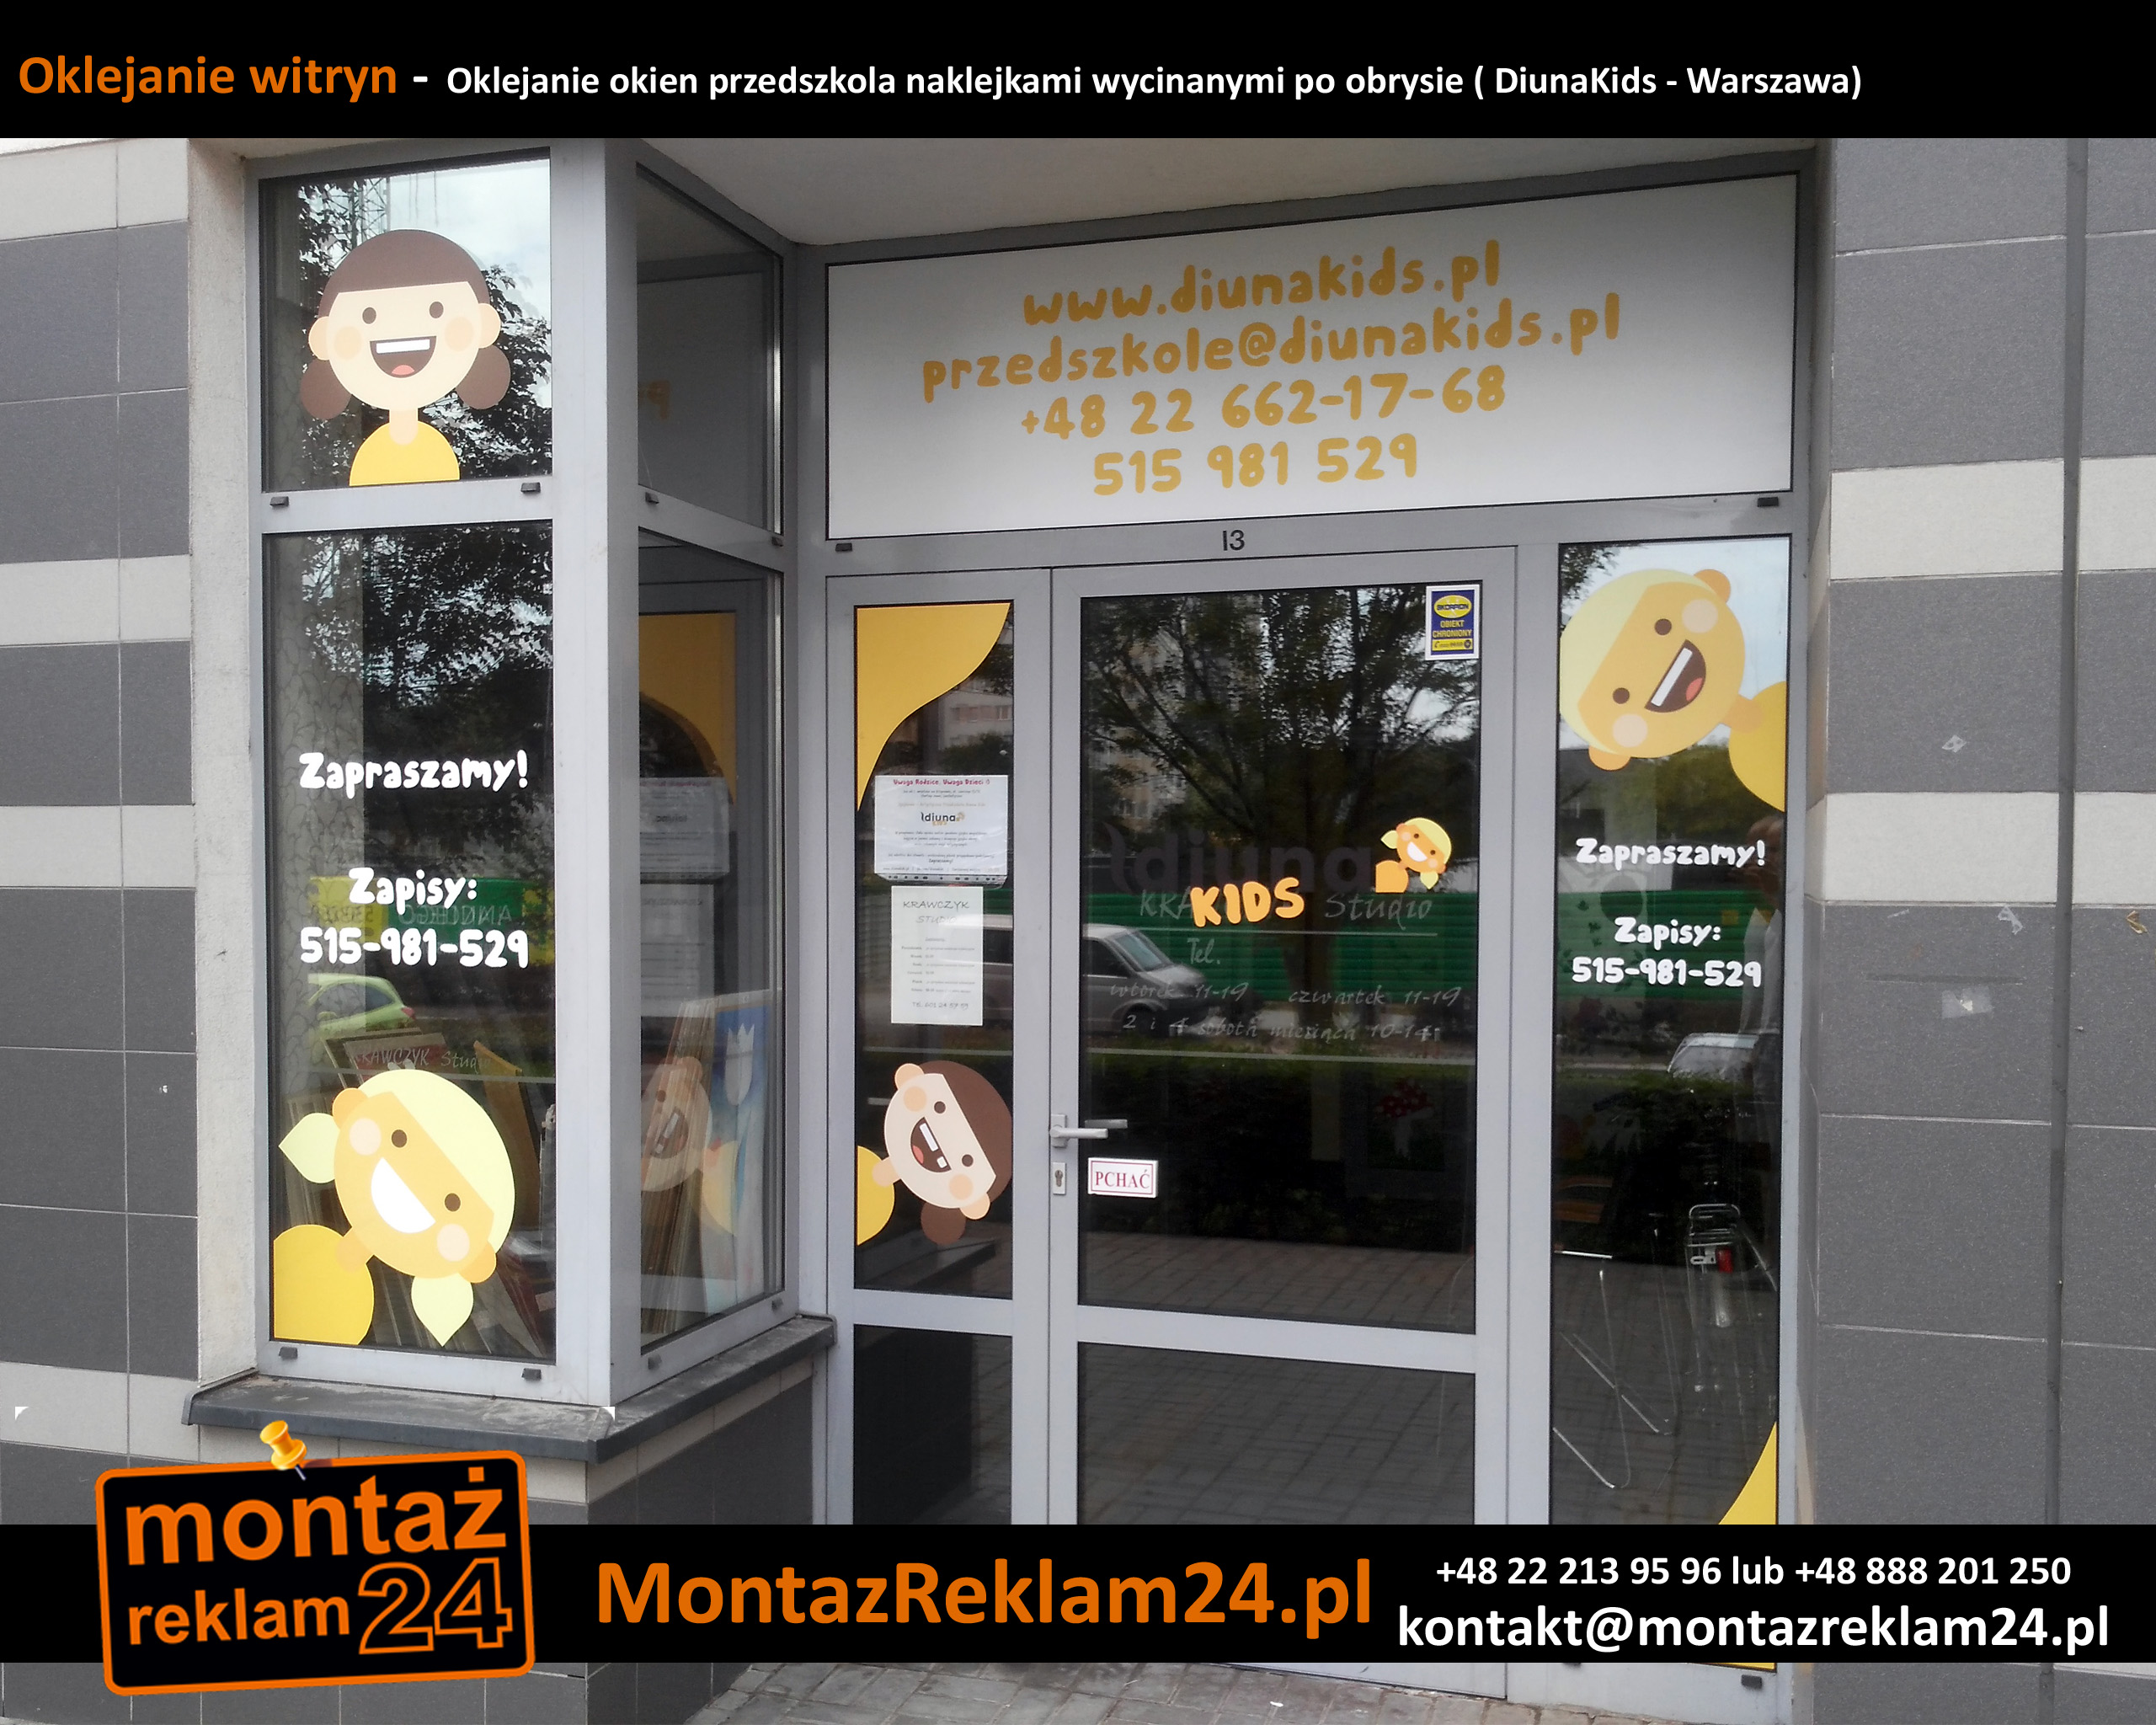 Oklejanie witryn -  Oklejanie okien przedszkola naklejkami wycinanymi po obrysie ( DiunaKids - Warszawa).jpg